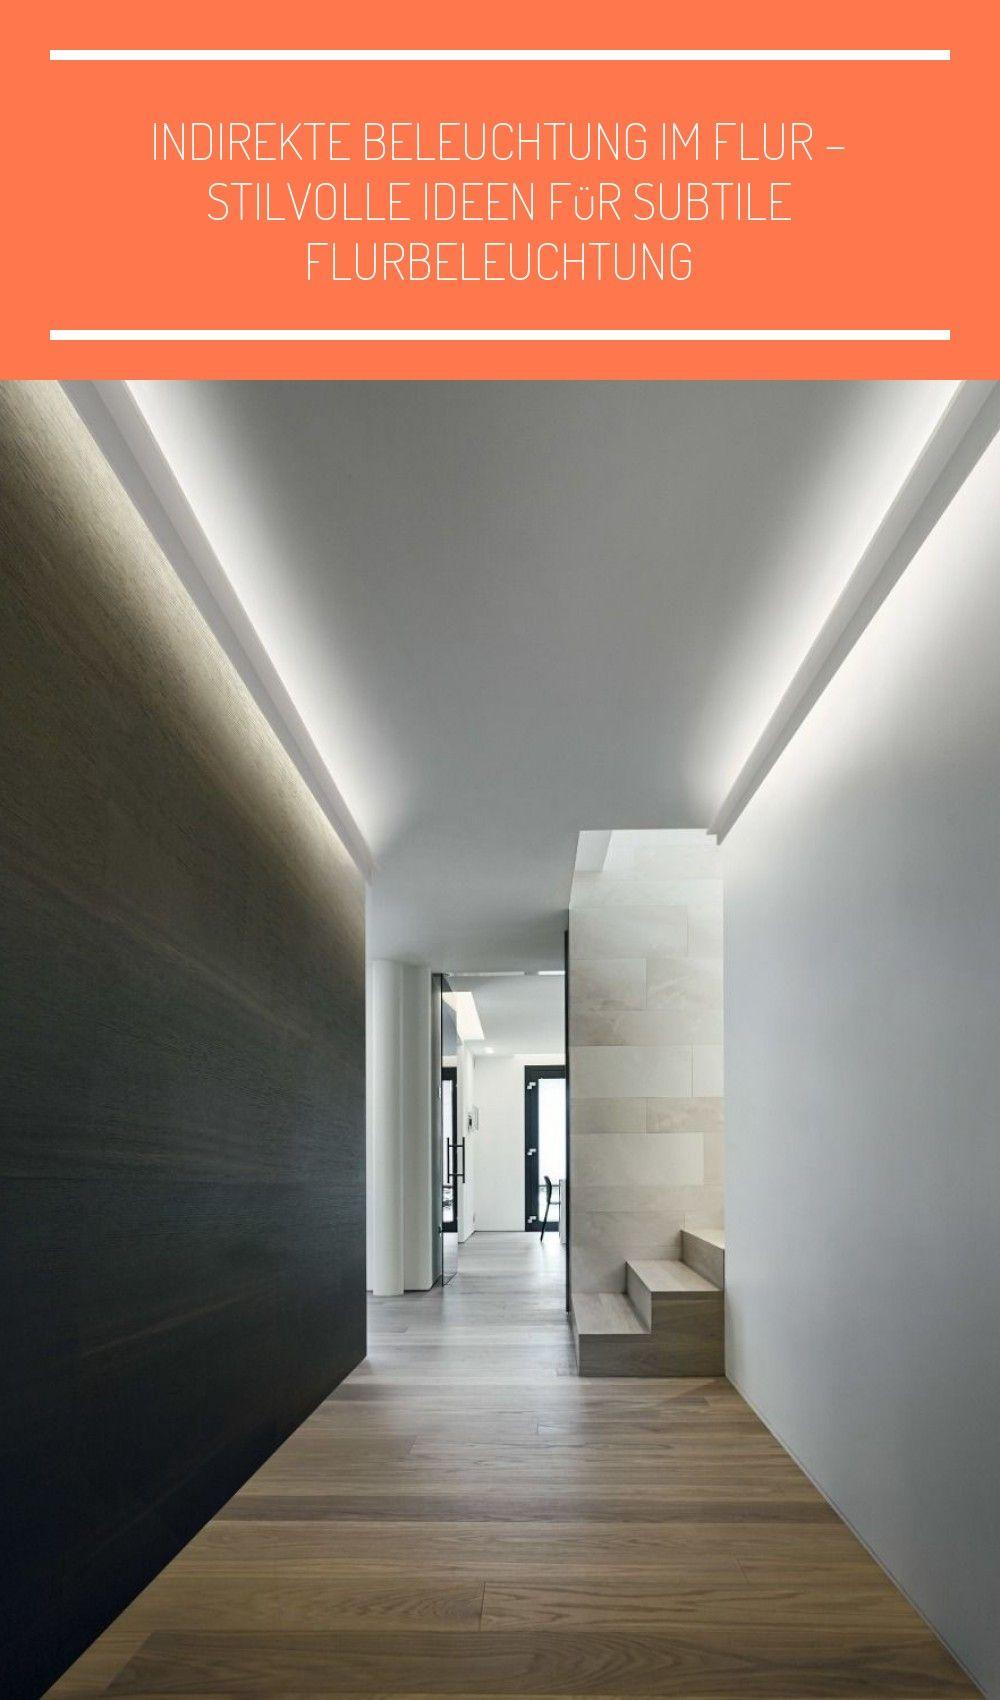 Indirekte Beleuchtung Im Flur In 2020 Indirekte Beleuchtung Flurbeleuchtung Beleuchtung